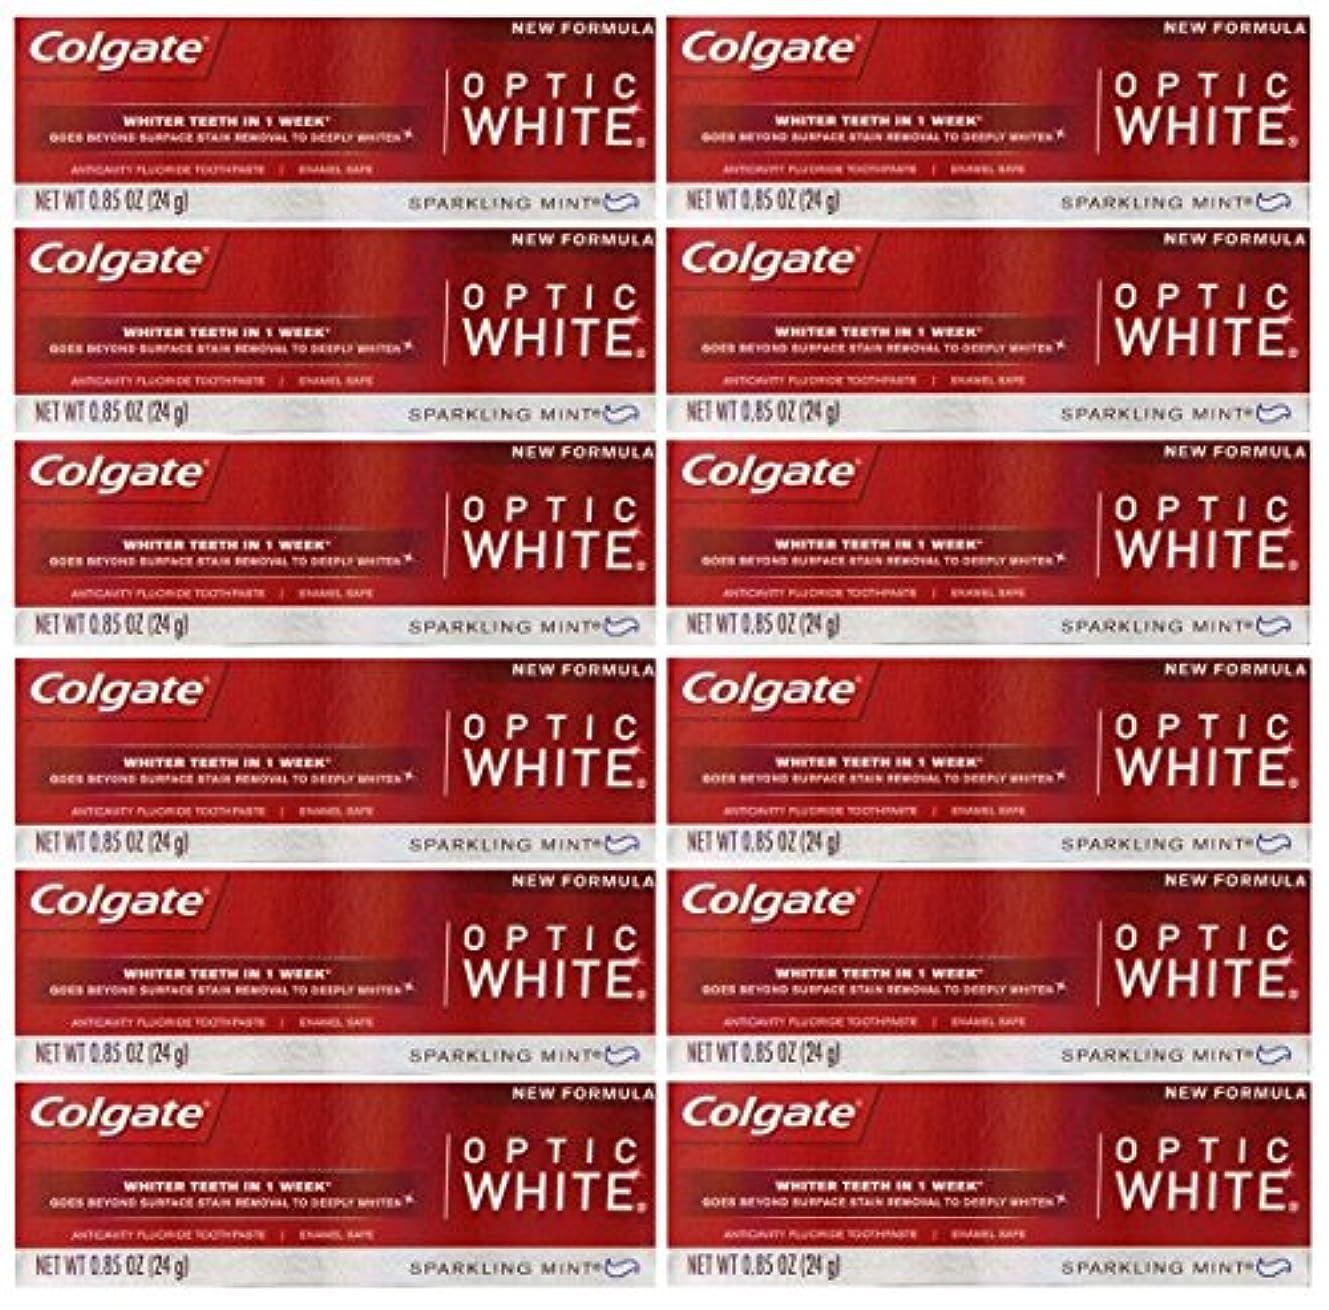 ギター呪いエラーColgate 12パック - ハミガキ、スパークリングホワイト、スパークリングミント、トラベルサイズ0.85オンスホワイトニングオプティックホワイト歯